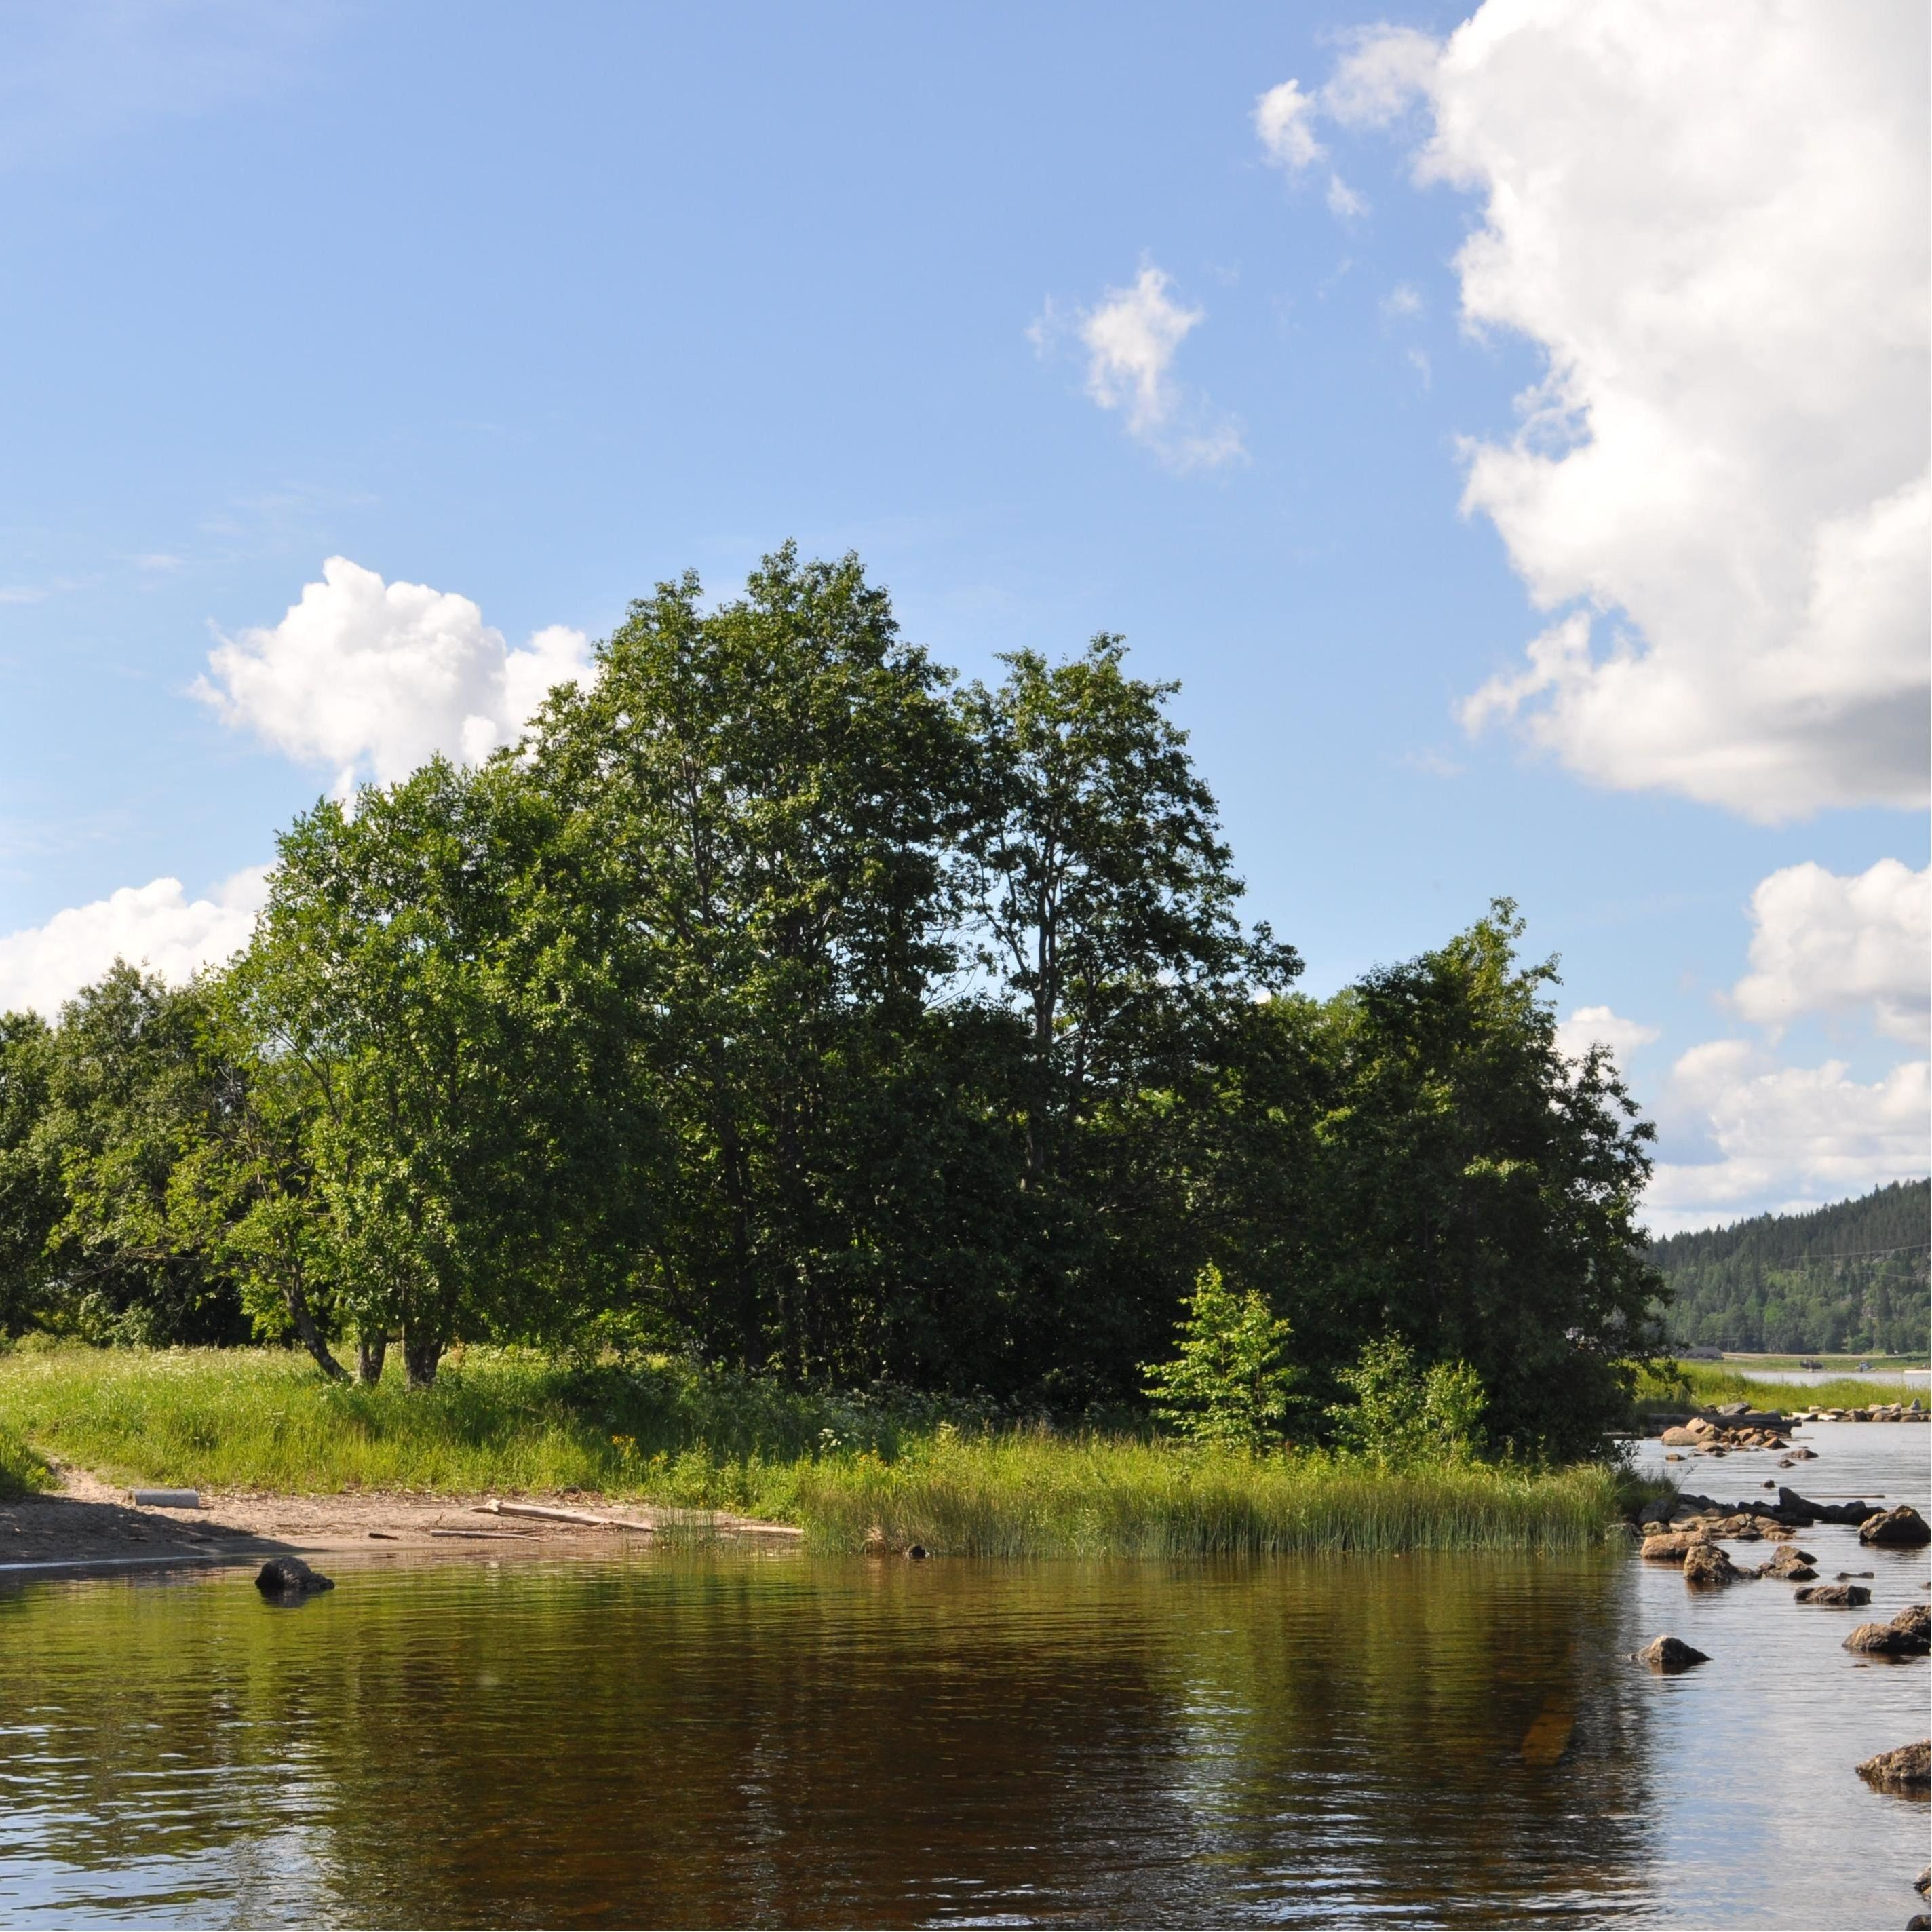 Klampenborgs naturreservat - rik lövskog på gammal sågverksmark